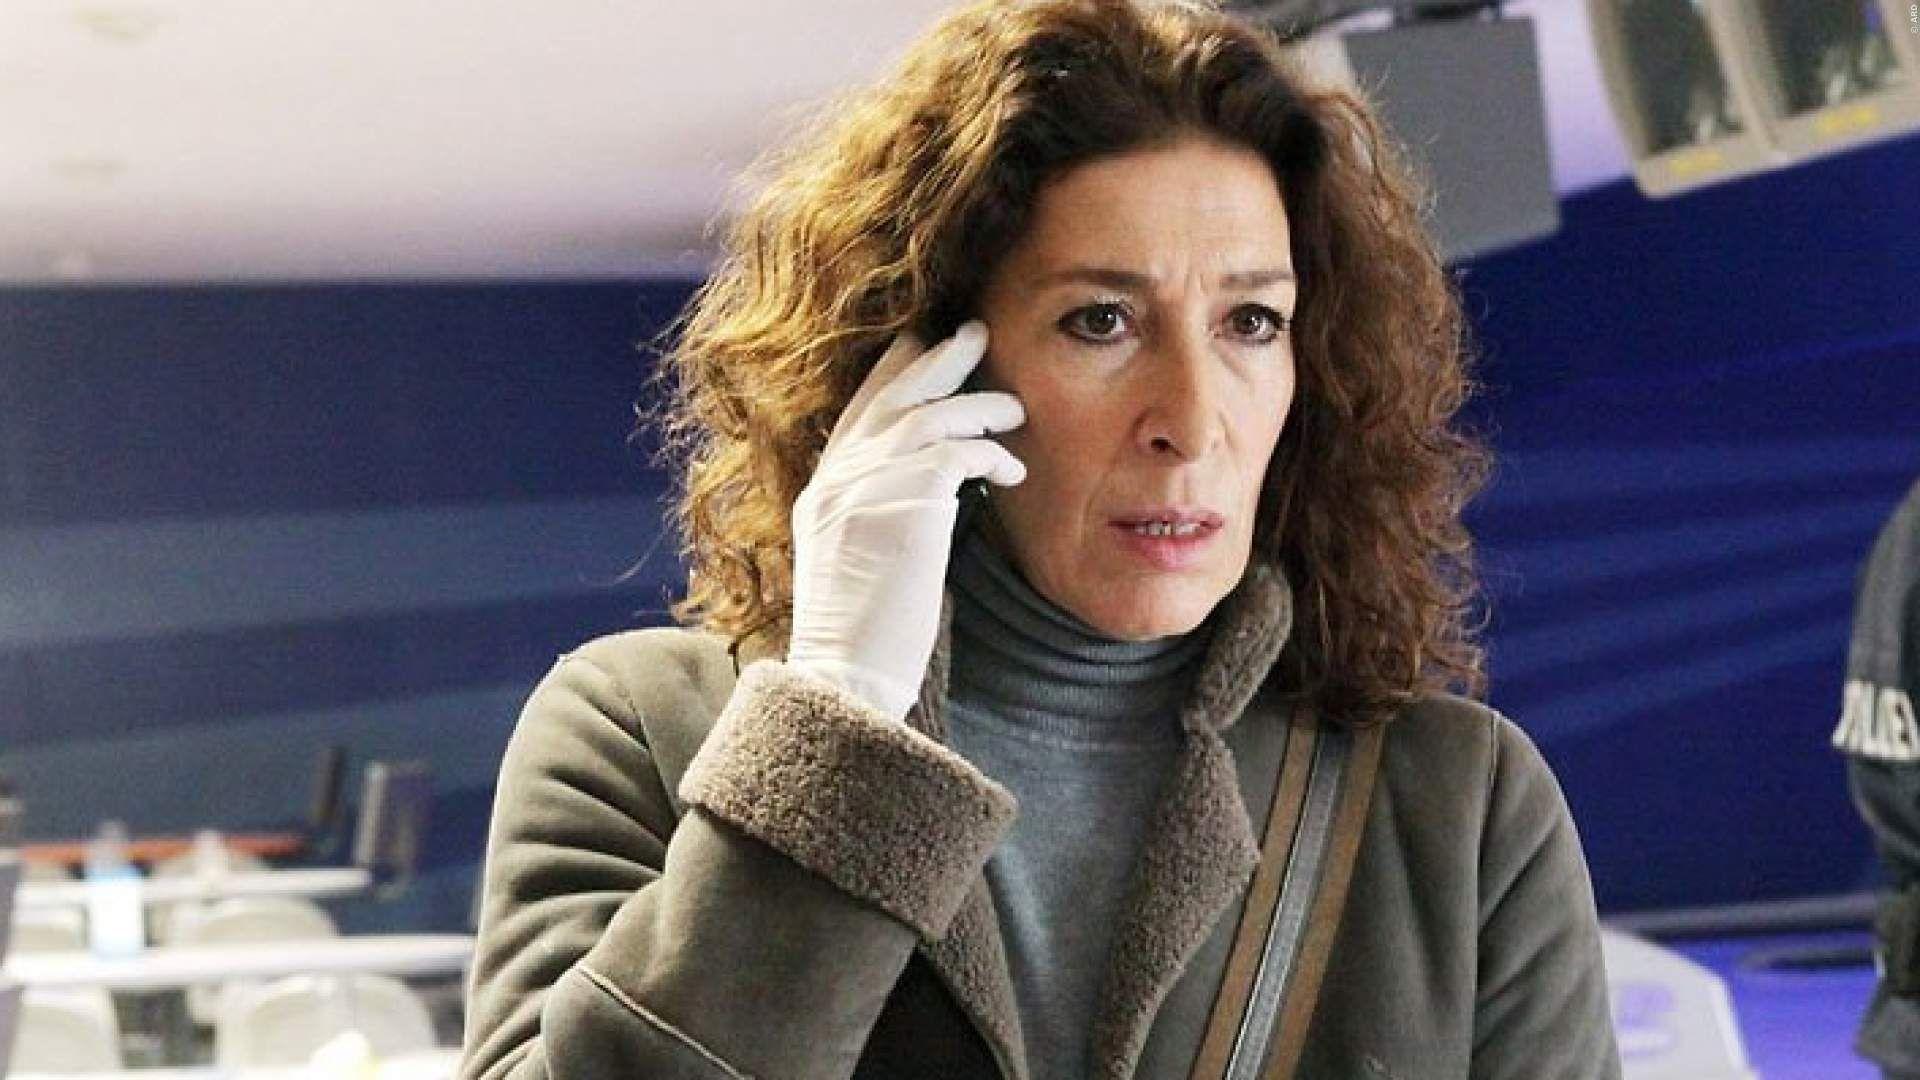 Tatort Adele Neuhauser Gesteht Ich War Voller Traurigkeit